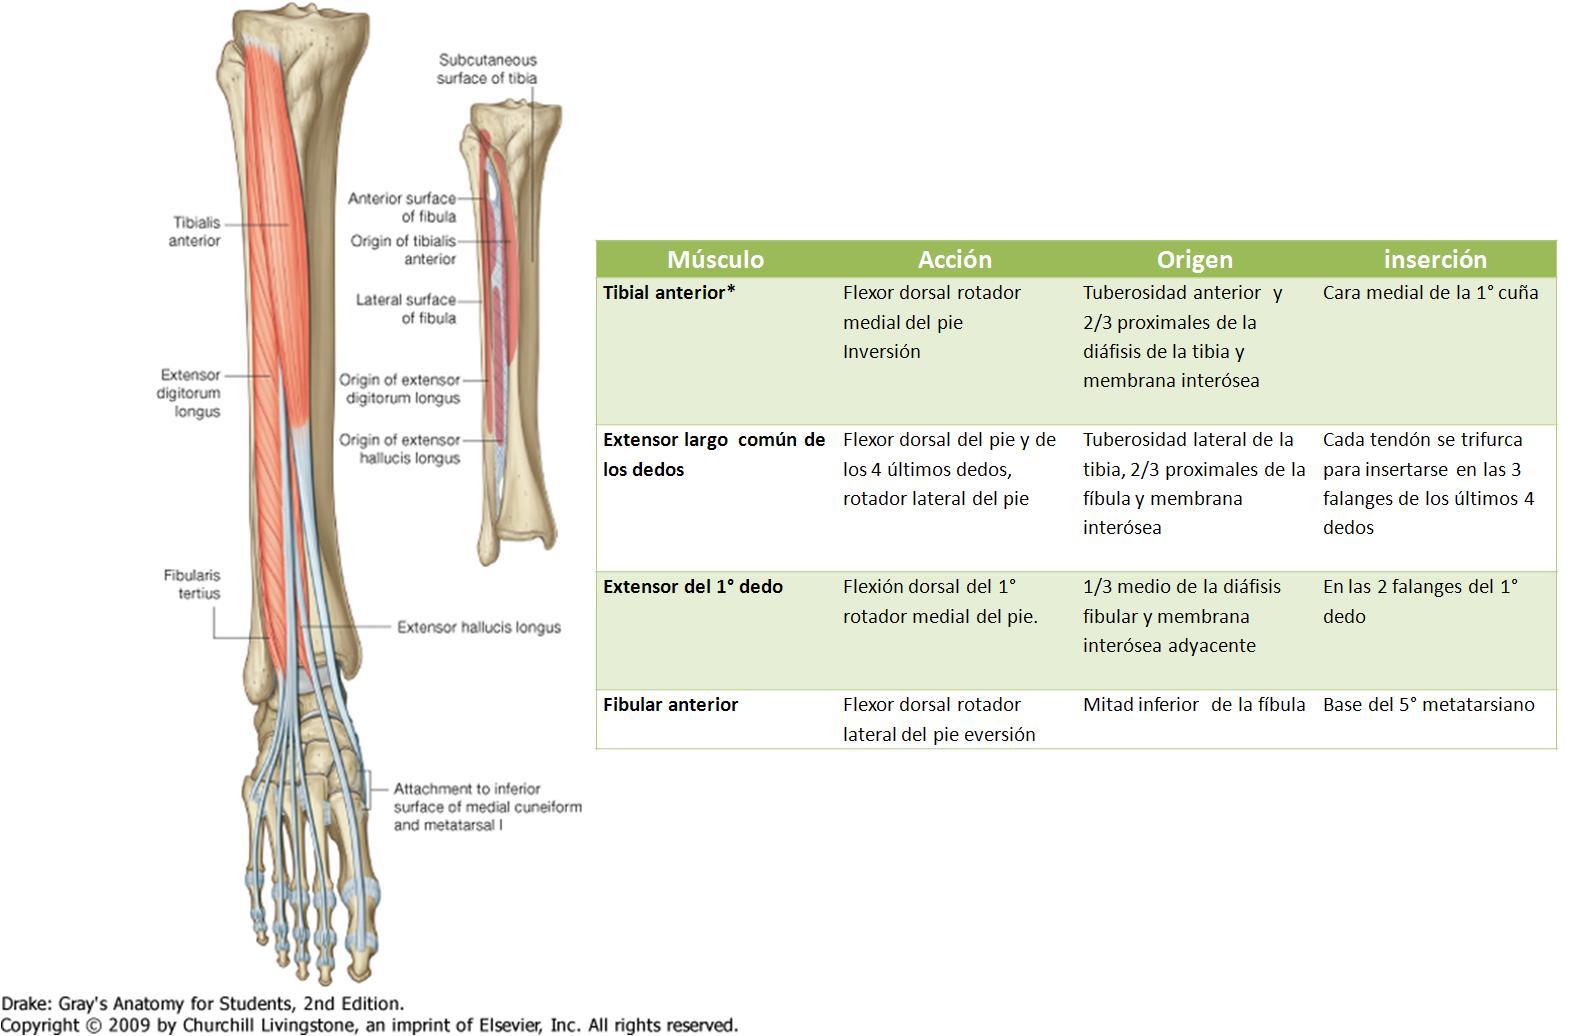 Anatomía UNAM: REGIÓN ANTERIOR DE PIERNA